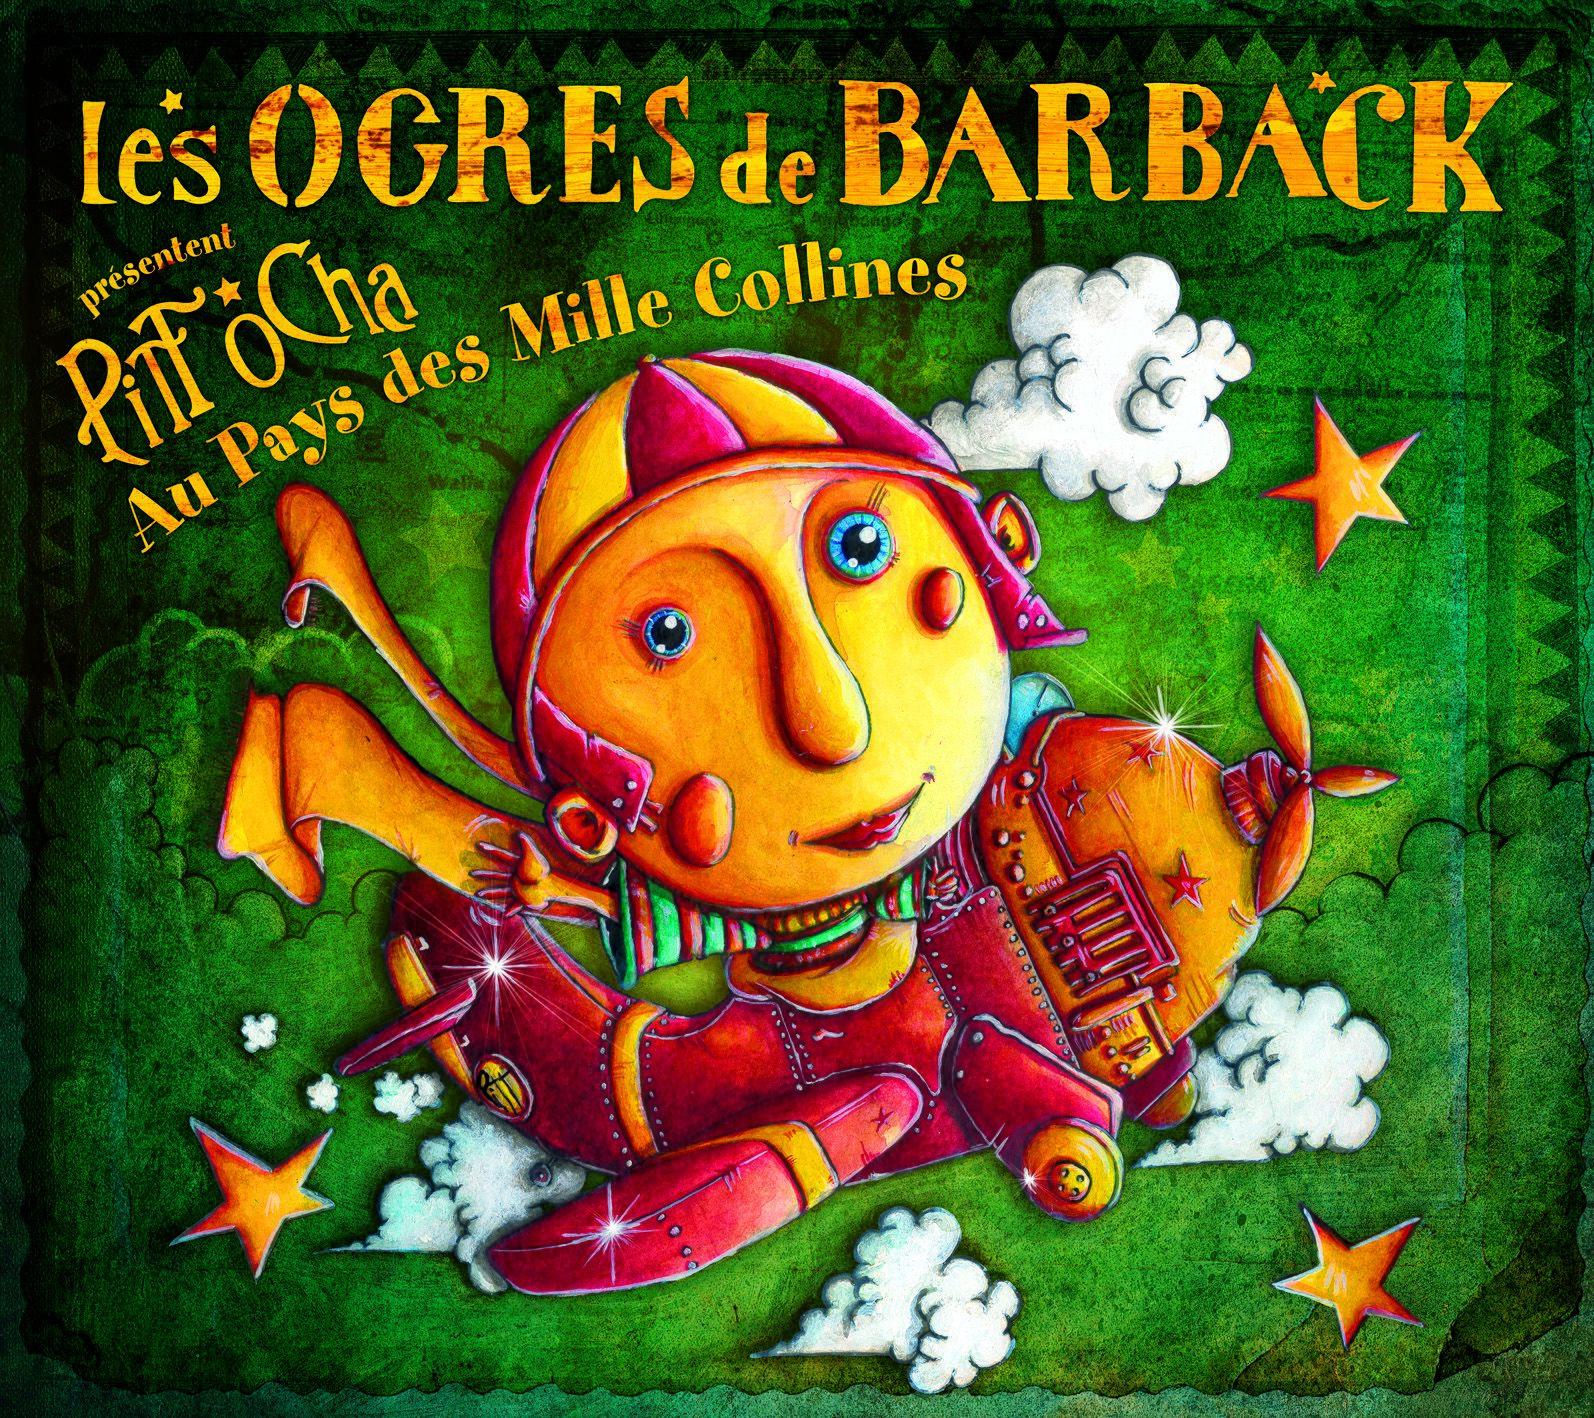 Pitt Ocha, des Ogres de Barback